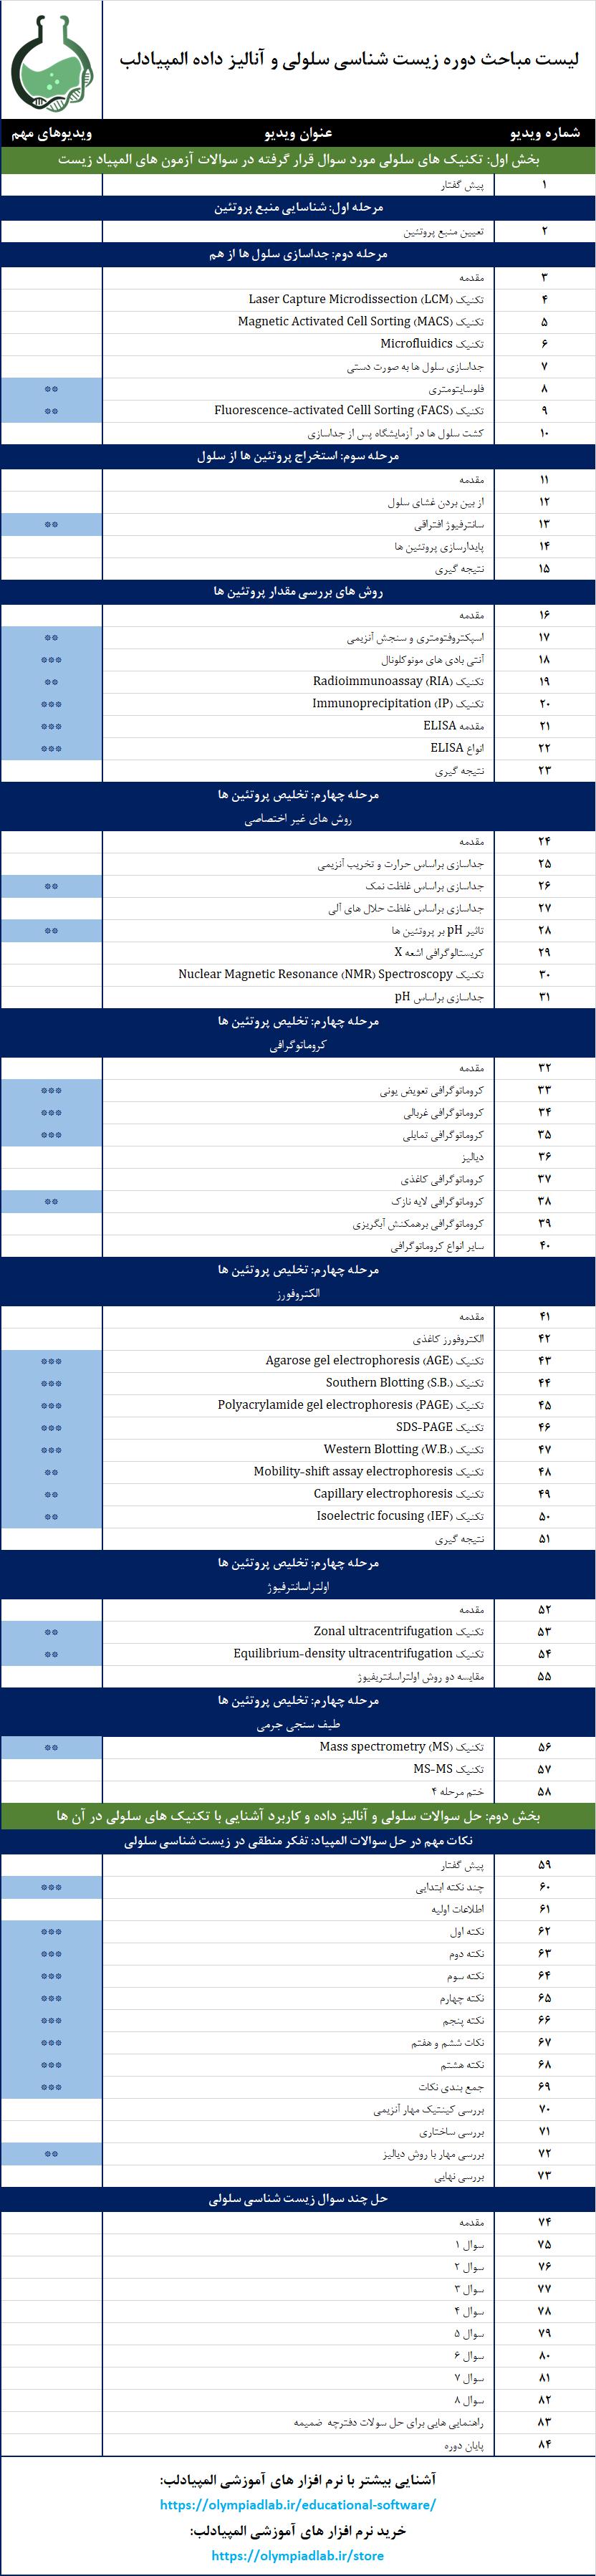 لیست مباحث دوره زیست شناسی سلولی و آنالیز داده المپیادلب